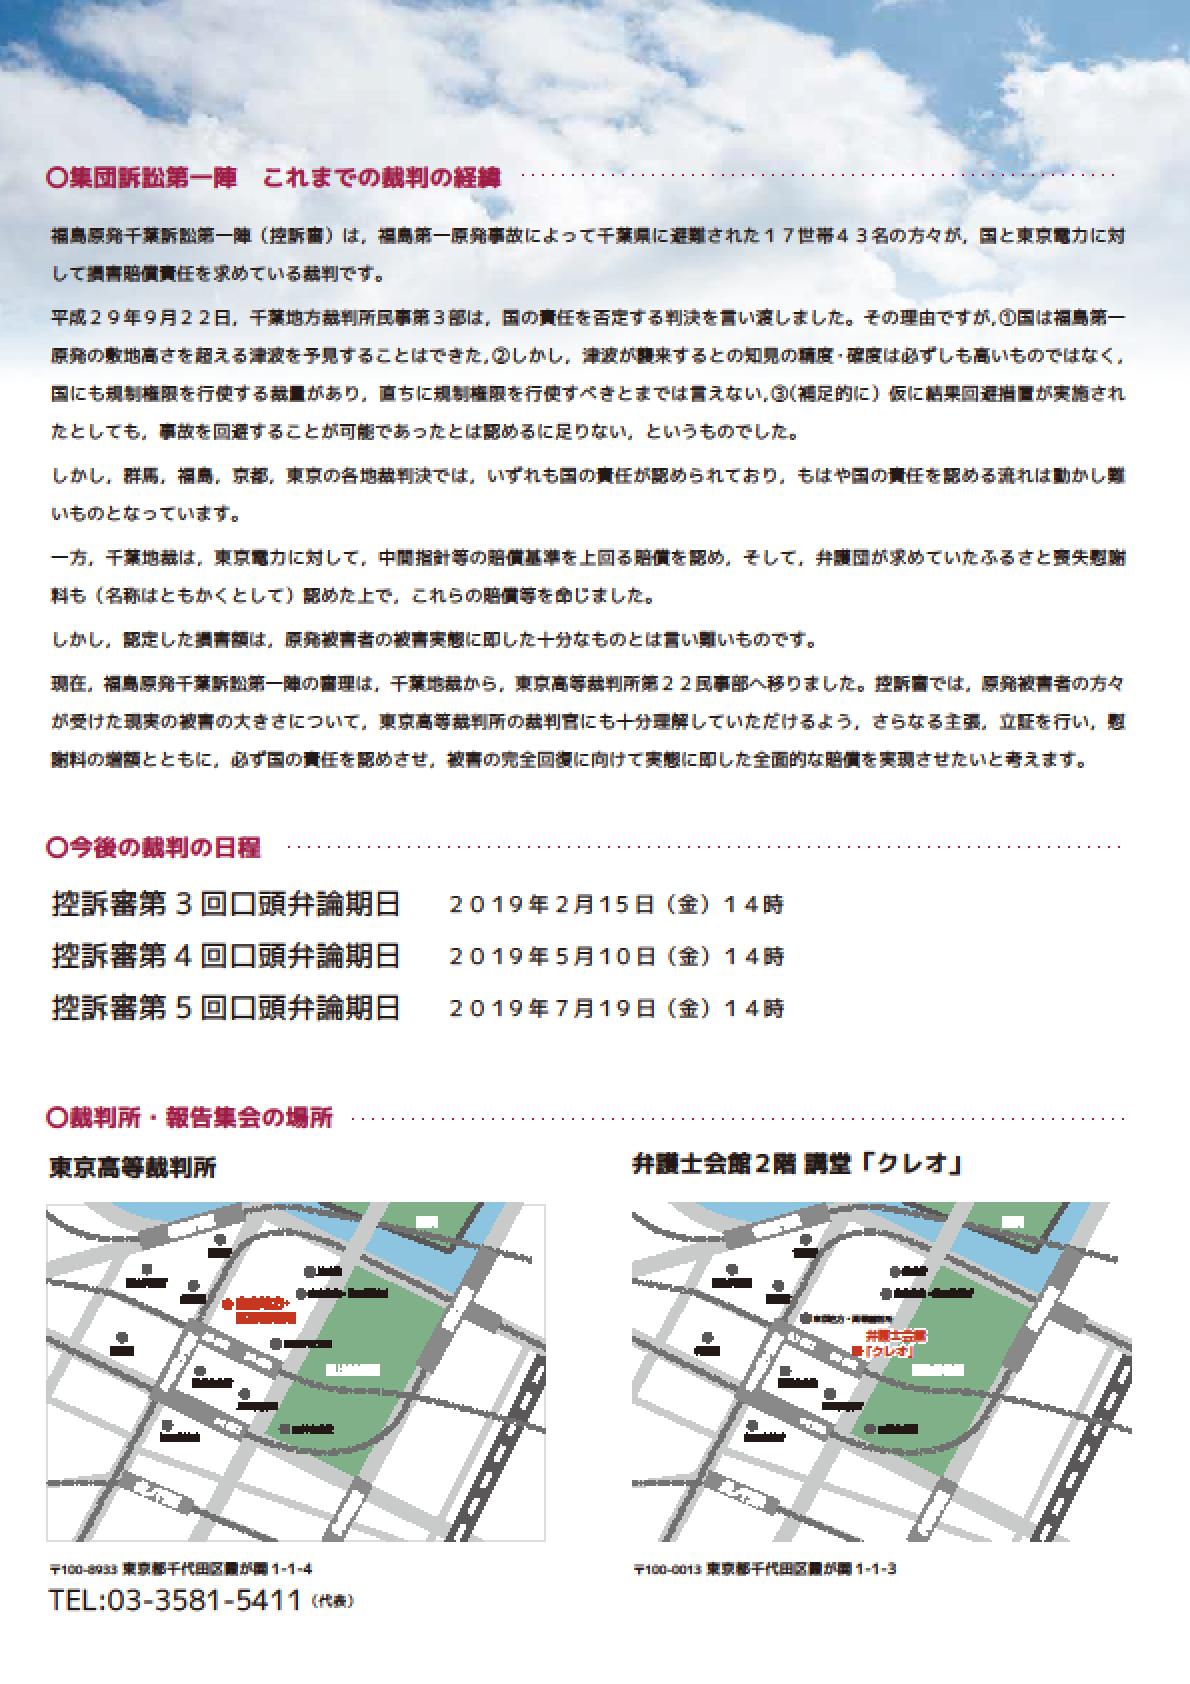 【ご案内】千葉訴訟第1陣 控訴審(東京高裁)第2回期日_e0391248_23210969.png